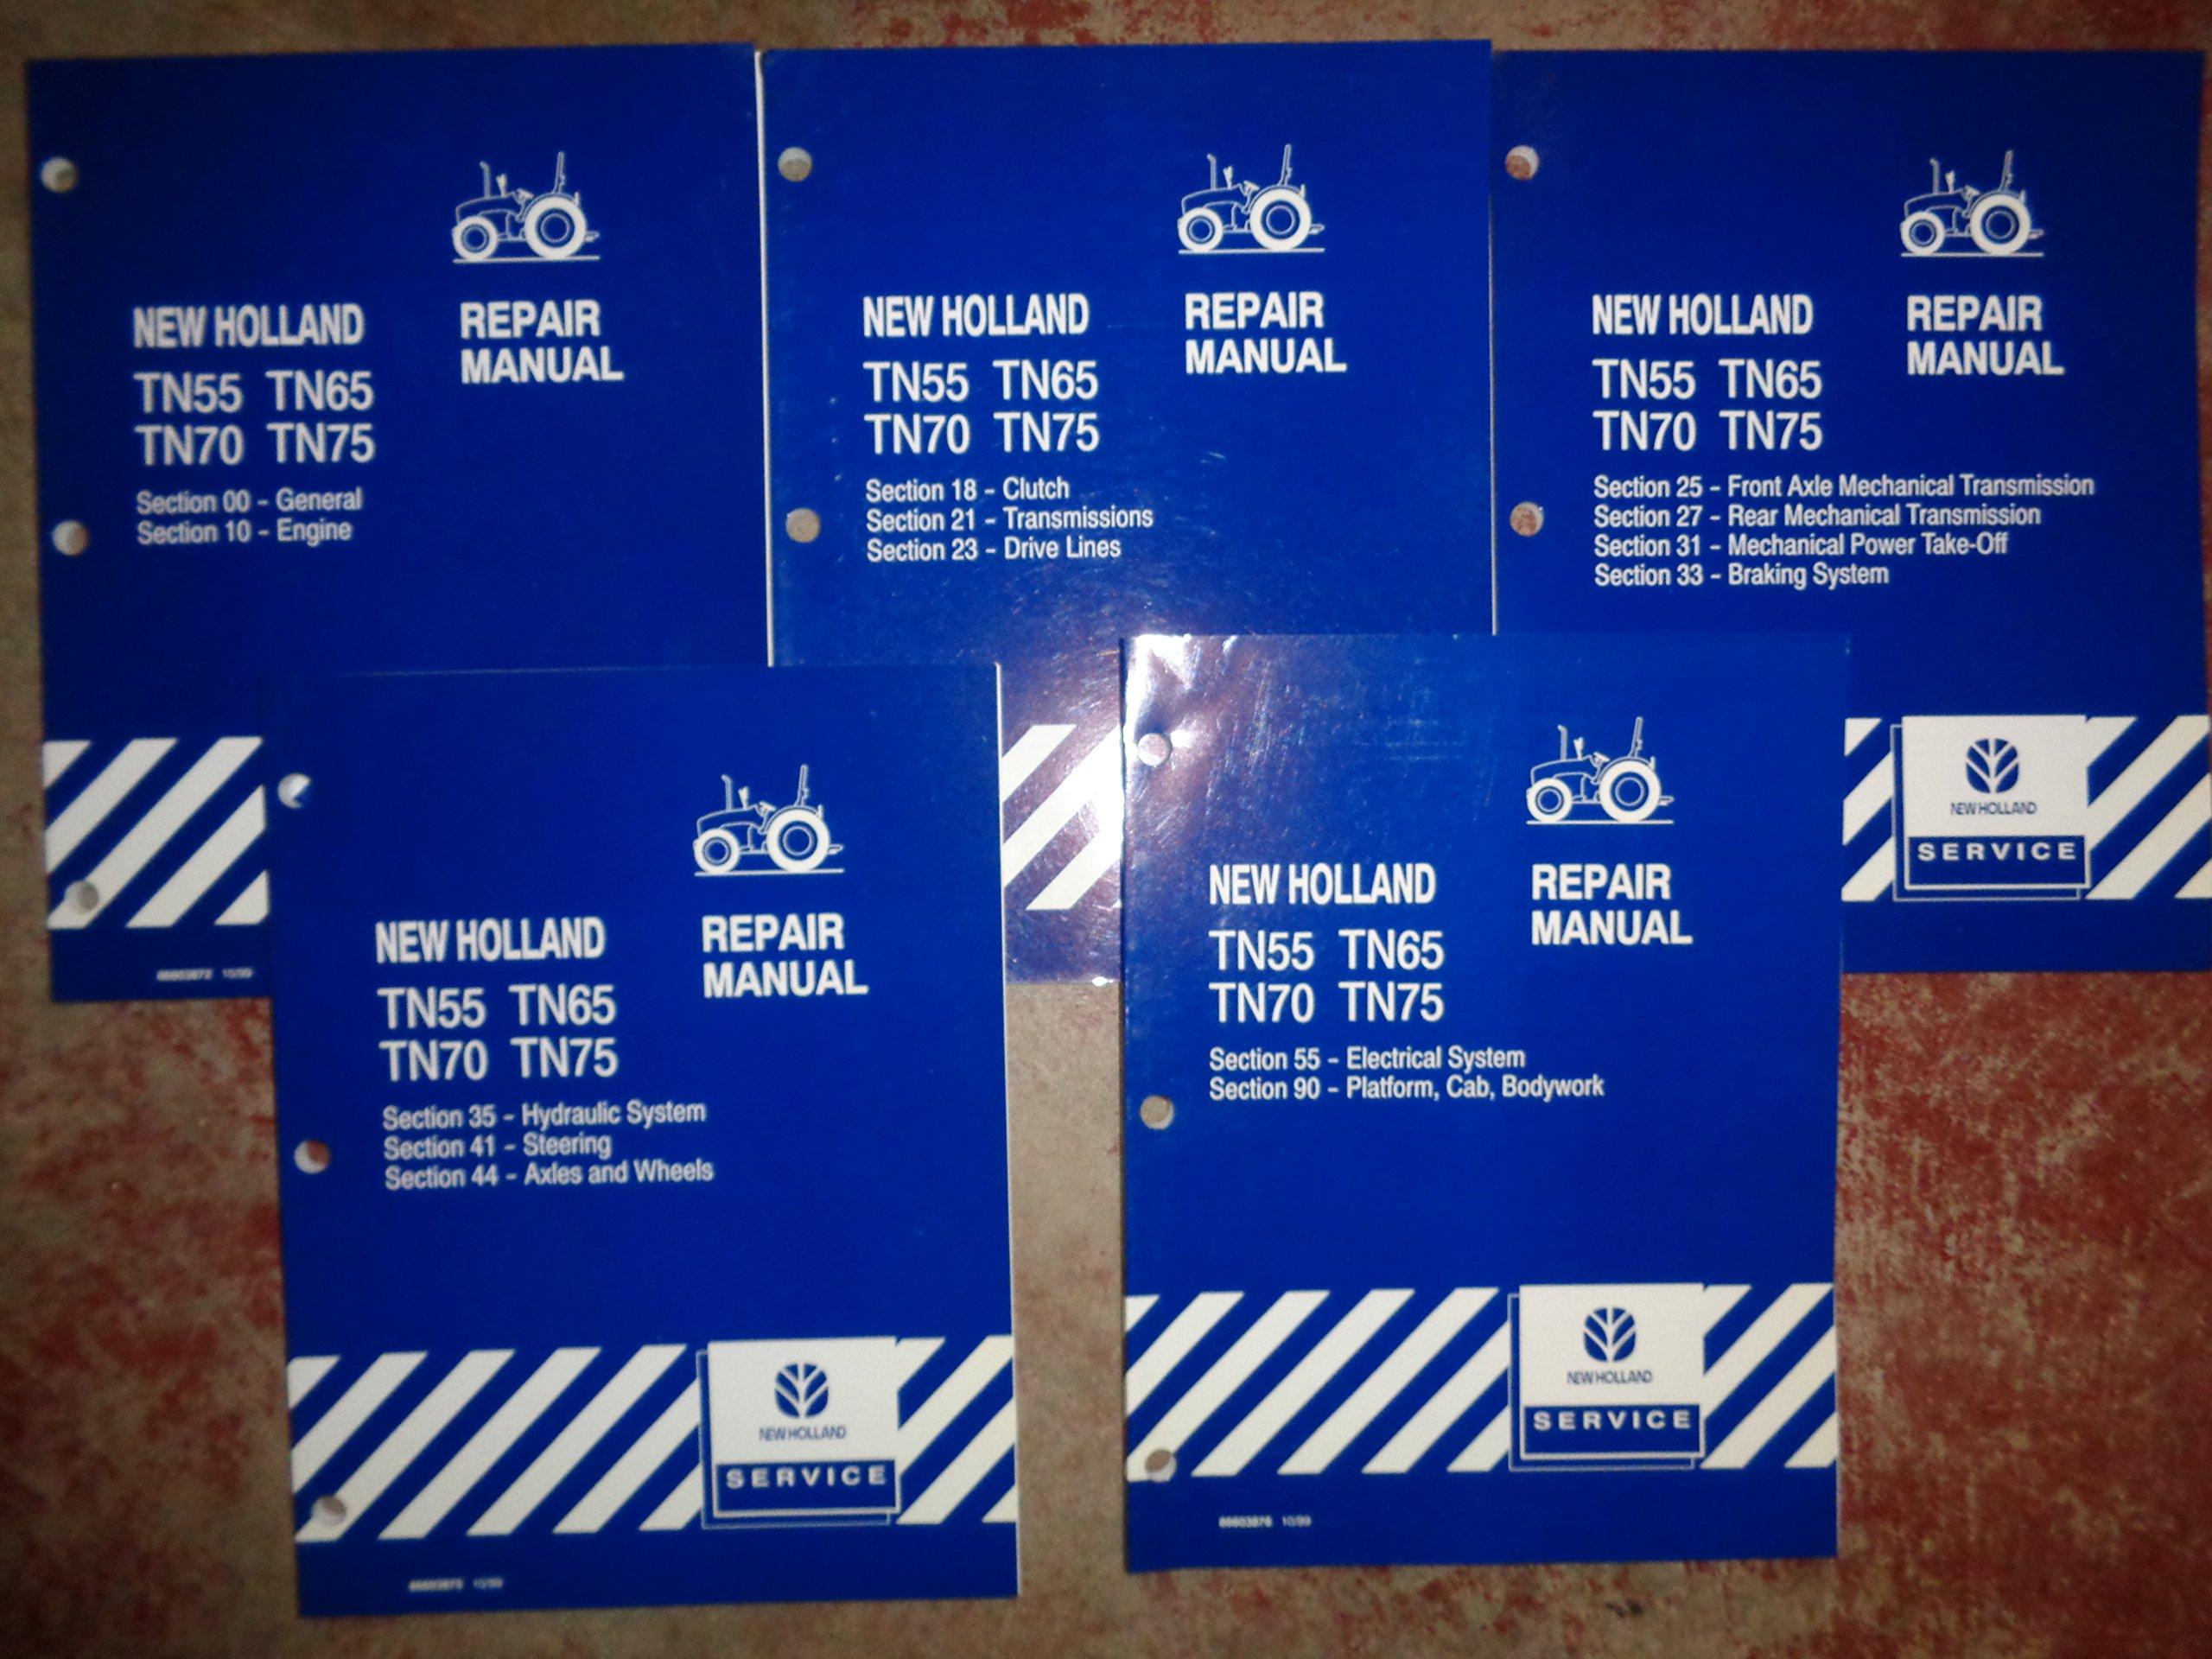 new holland tn55 tn65 tn70 tn75 tractor service repair manual 10 99 rh amazon com New Holland TN70 Specs New Holland TN70 Forums